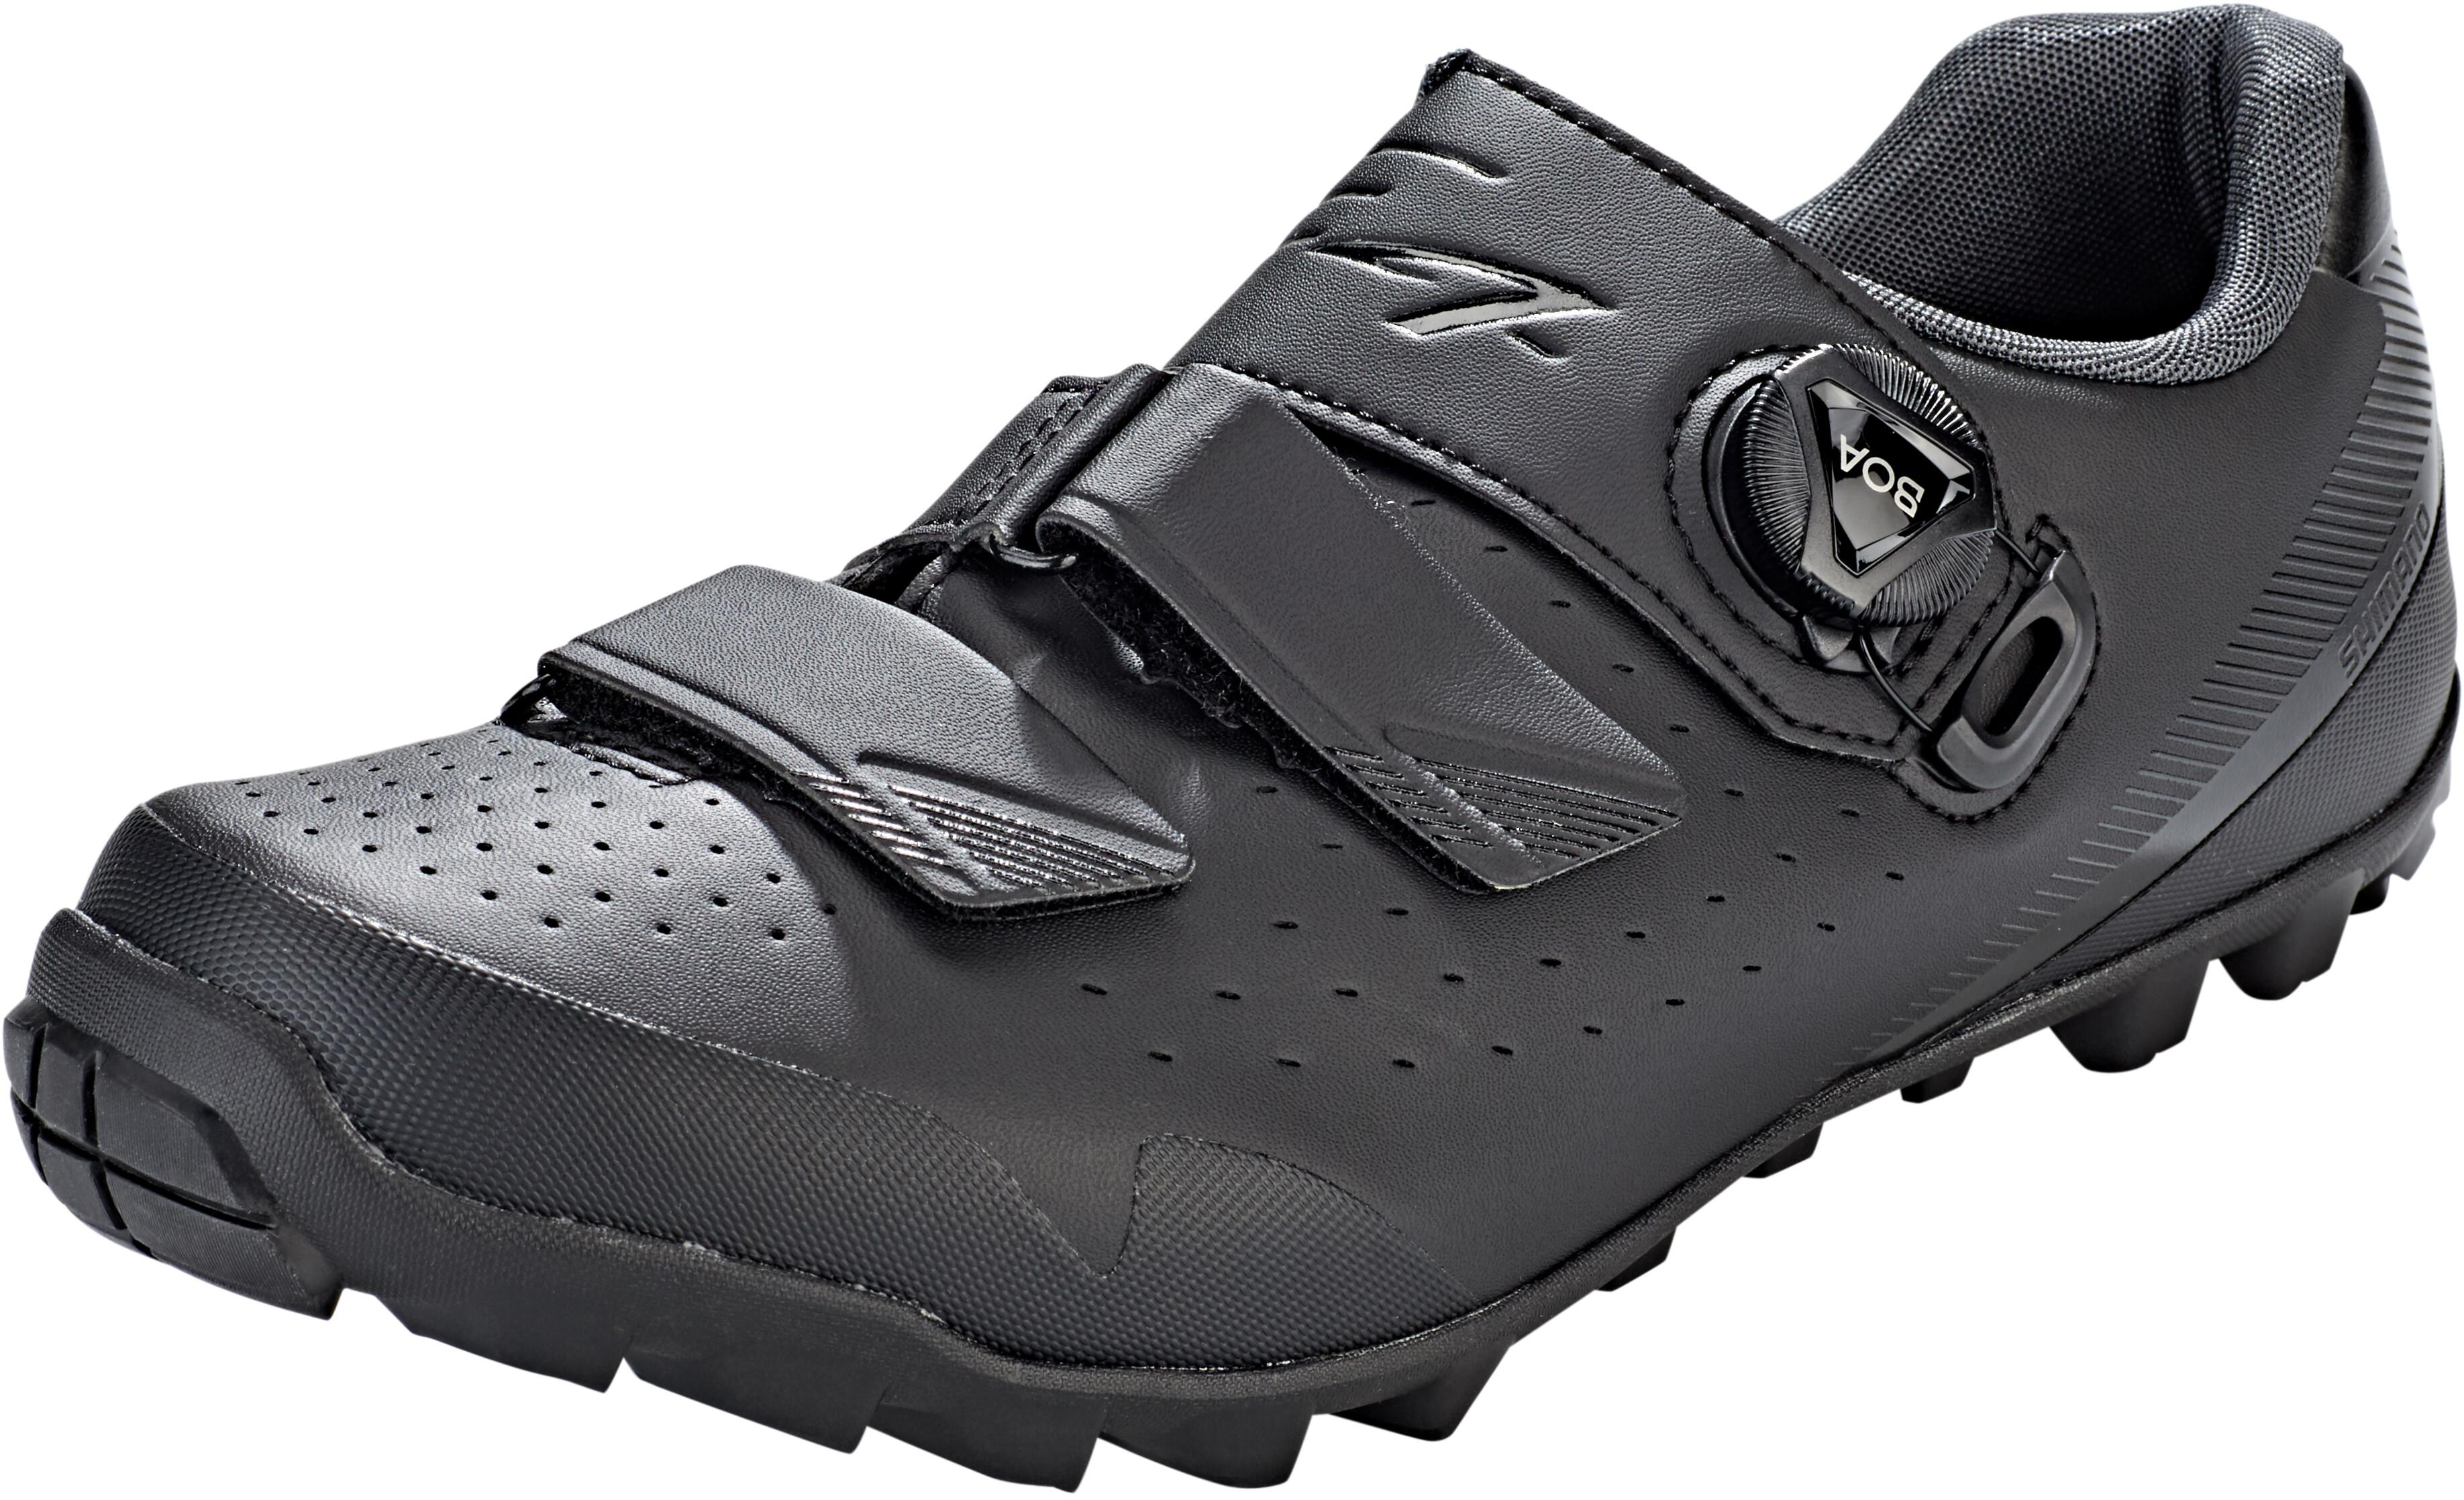 a2abd5f1573 Shimano SH-ME400 schoenen zwart I Eenvoudig online bij Bikester